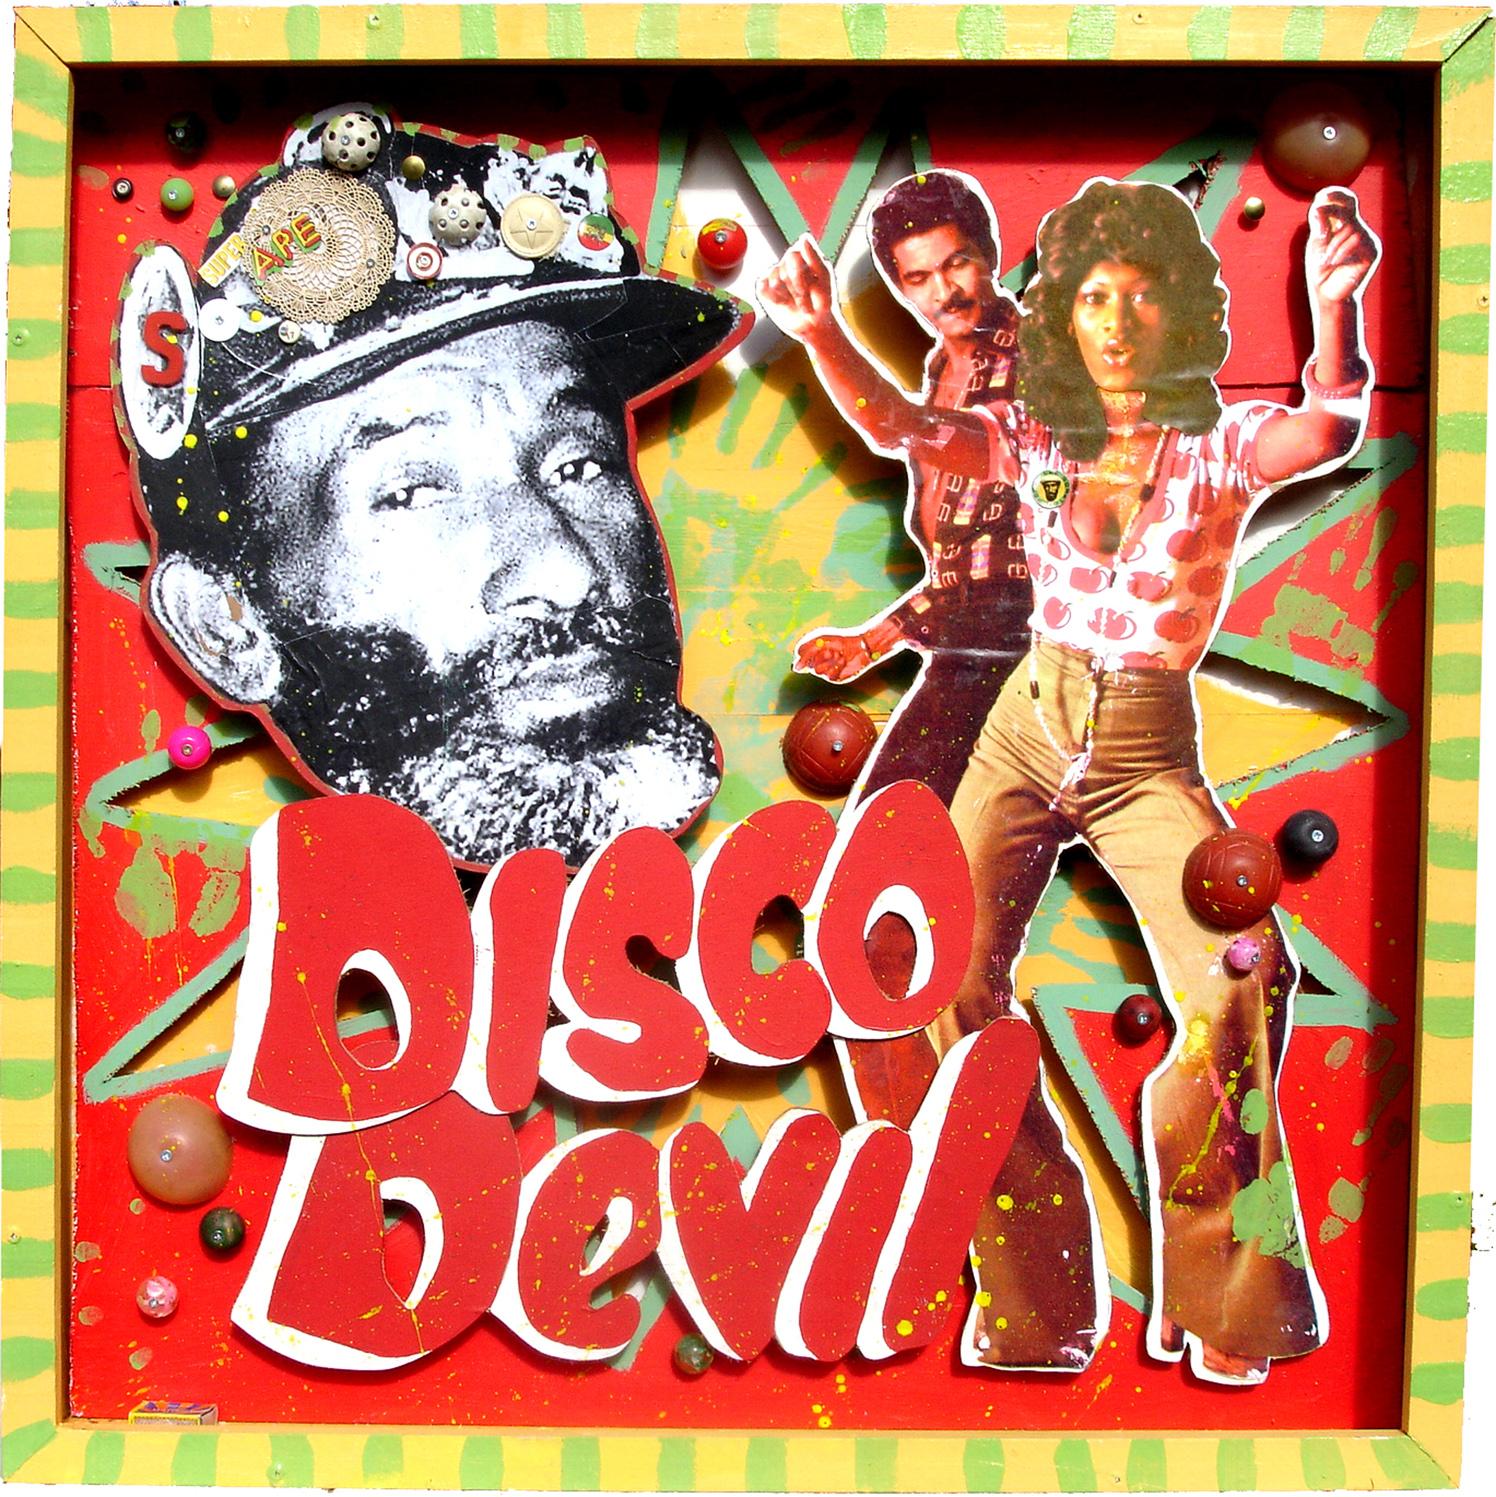 55DSL Disco Devil Trojan